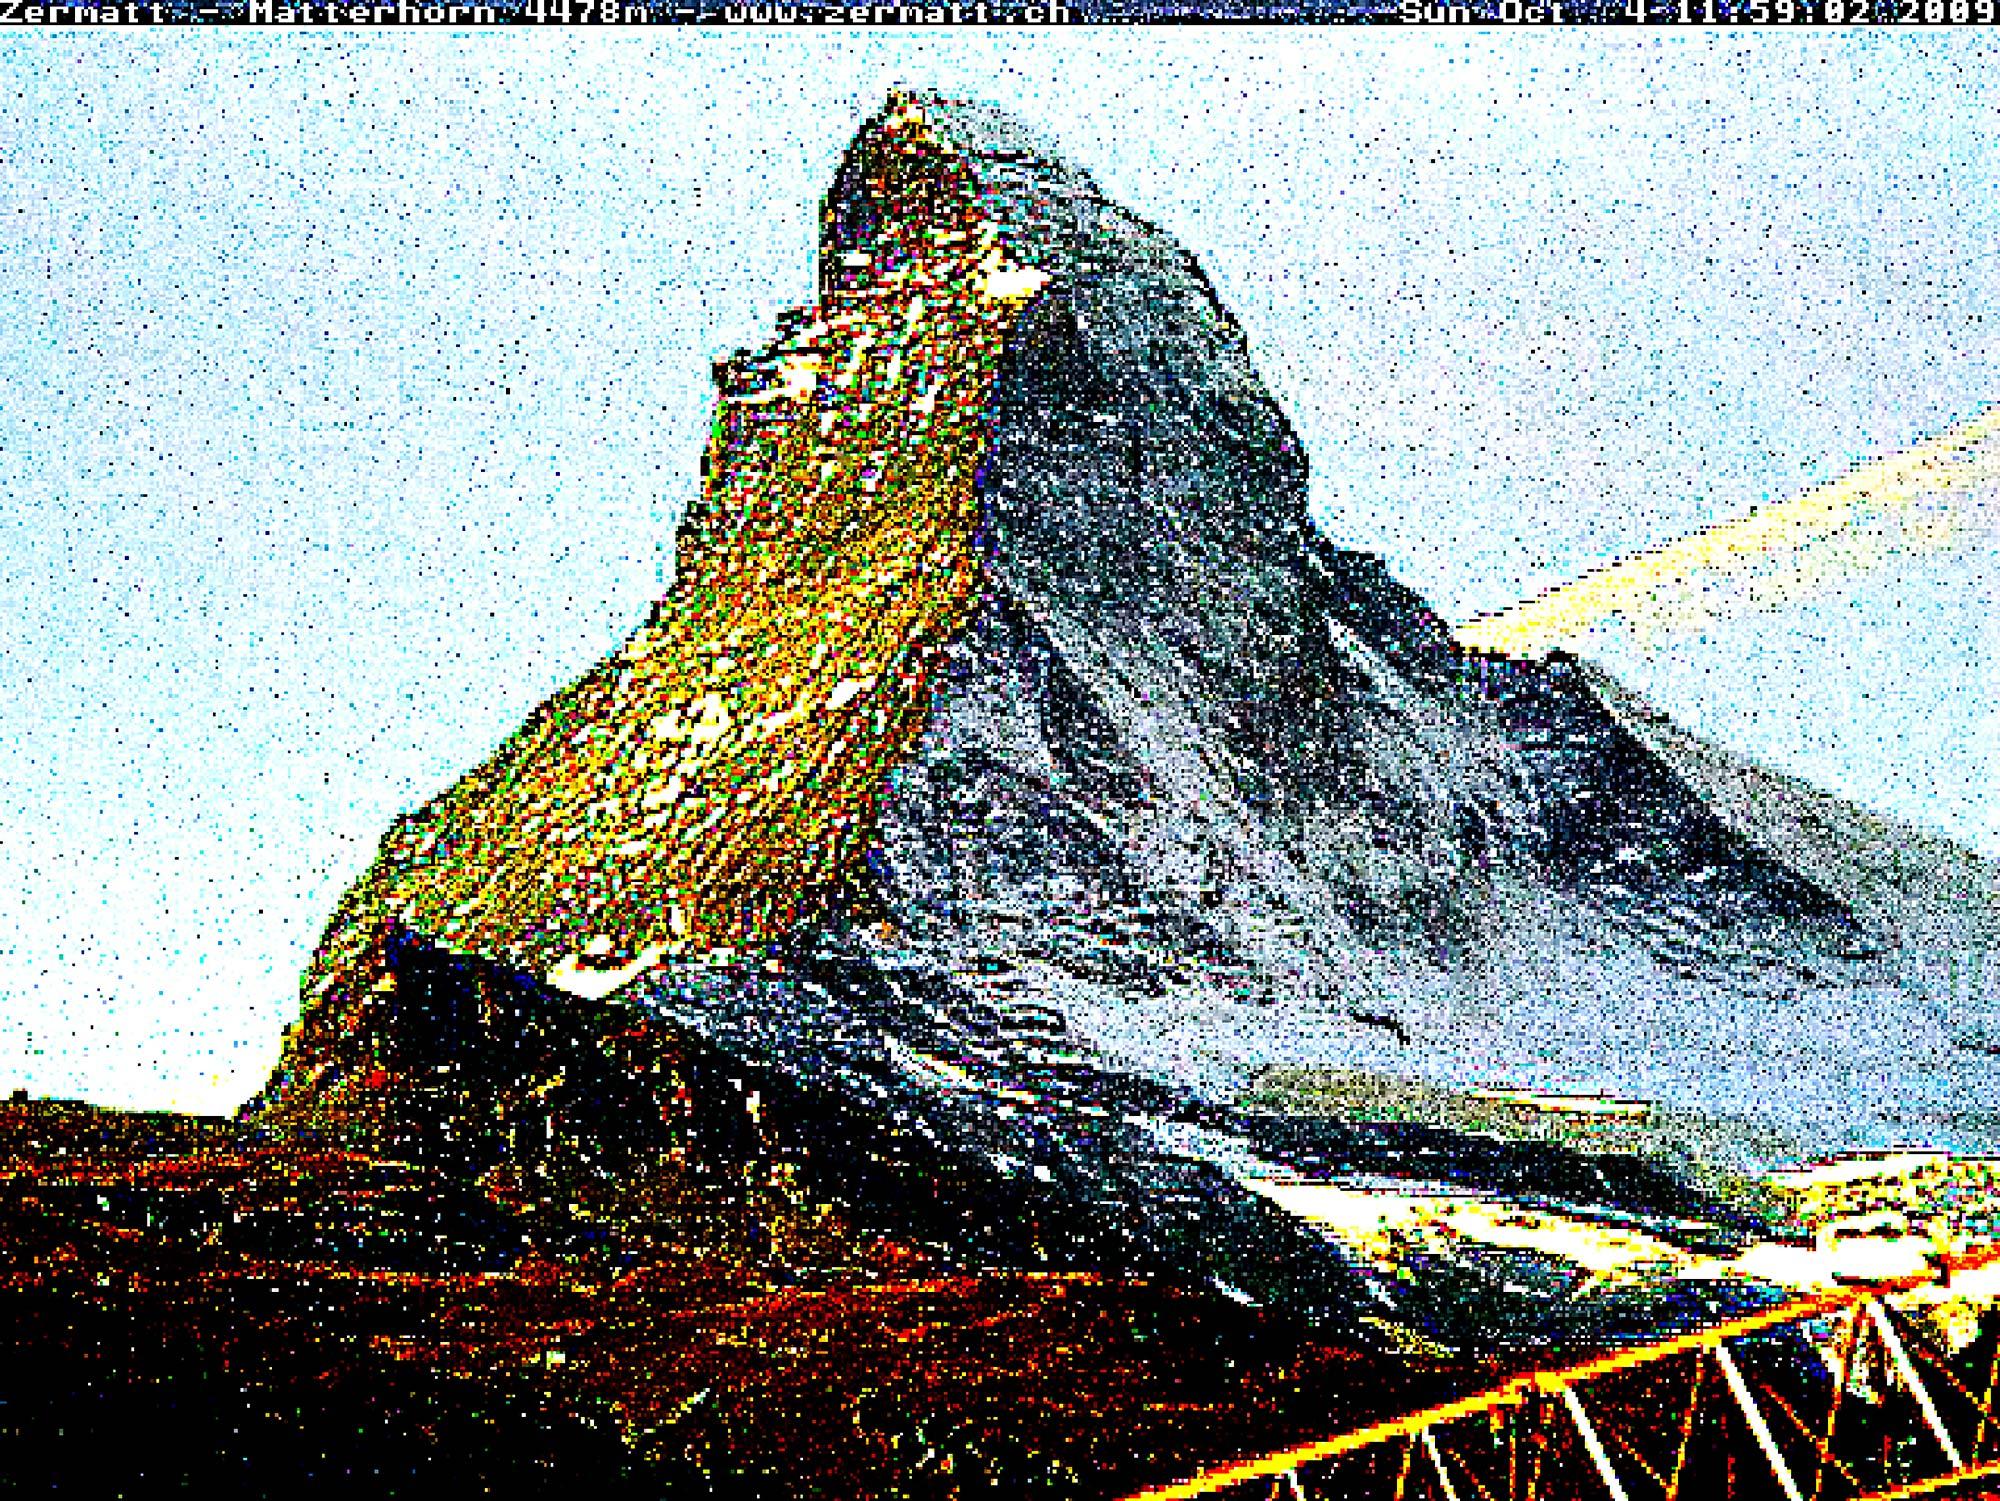 #0043 Matterhorn 2009 10 04